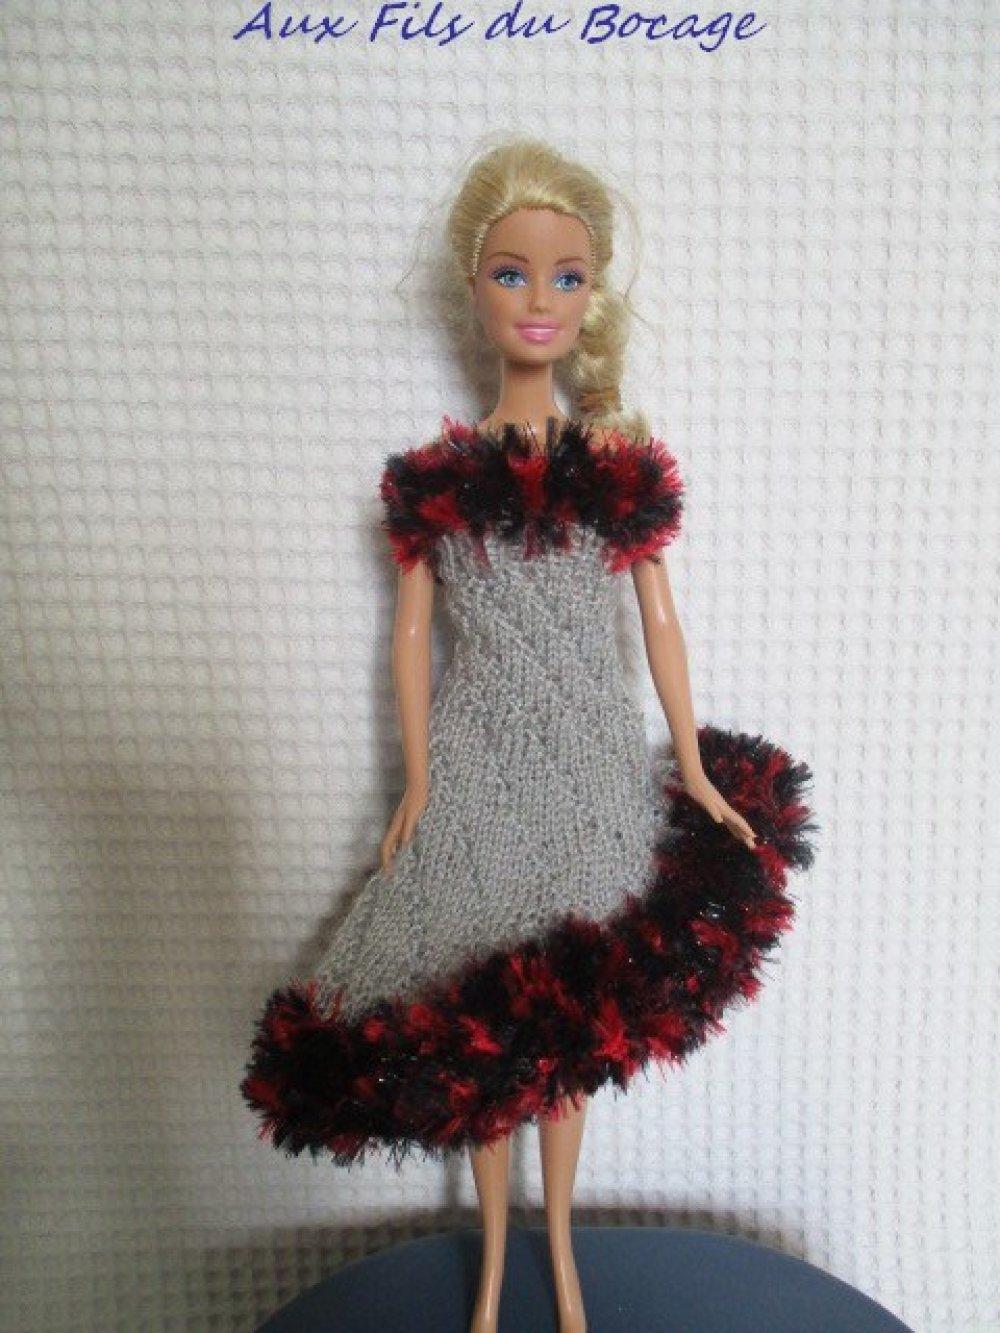 Vêtement poupée Barbie, robe grise et frou-frou.